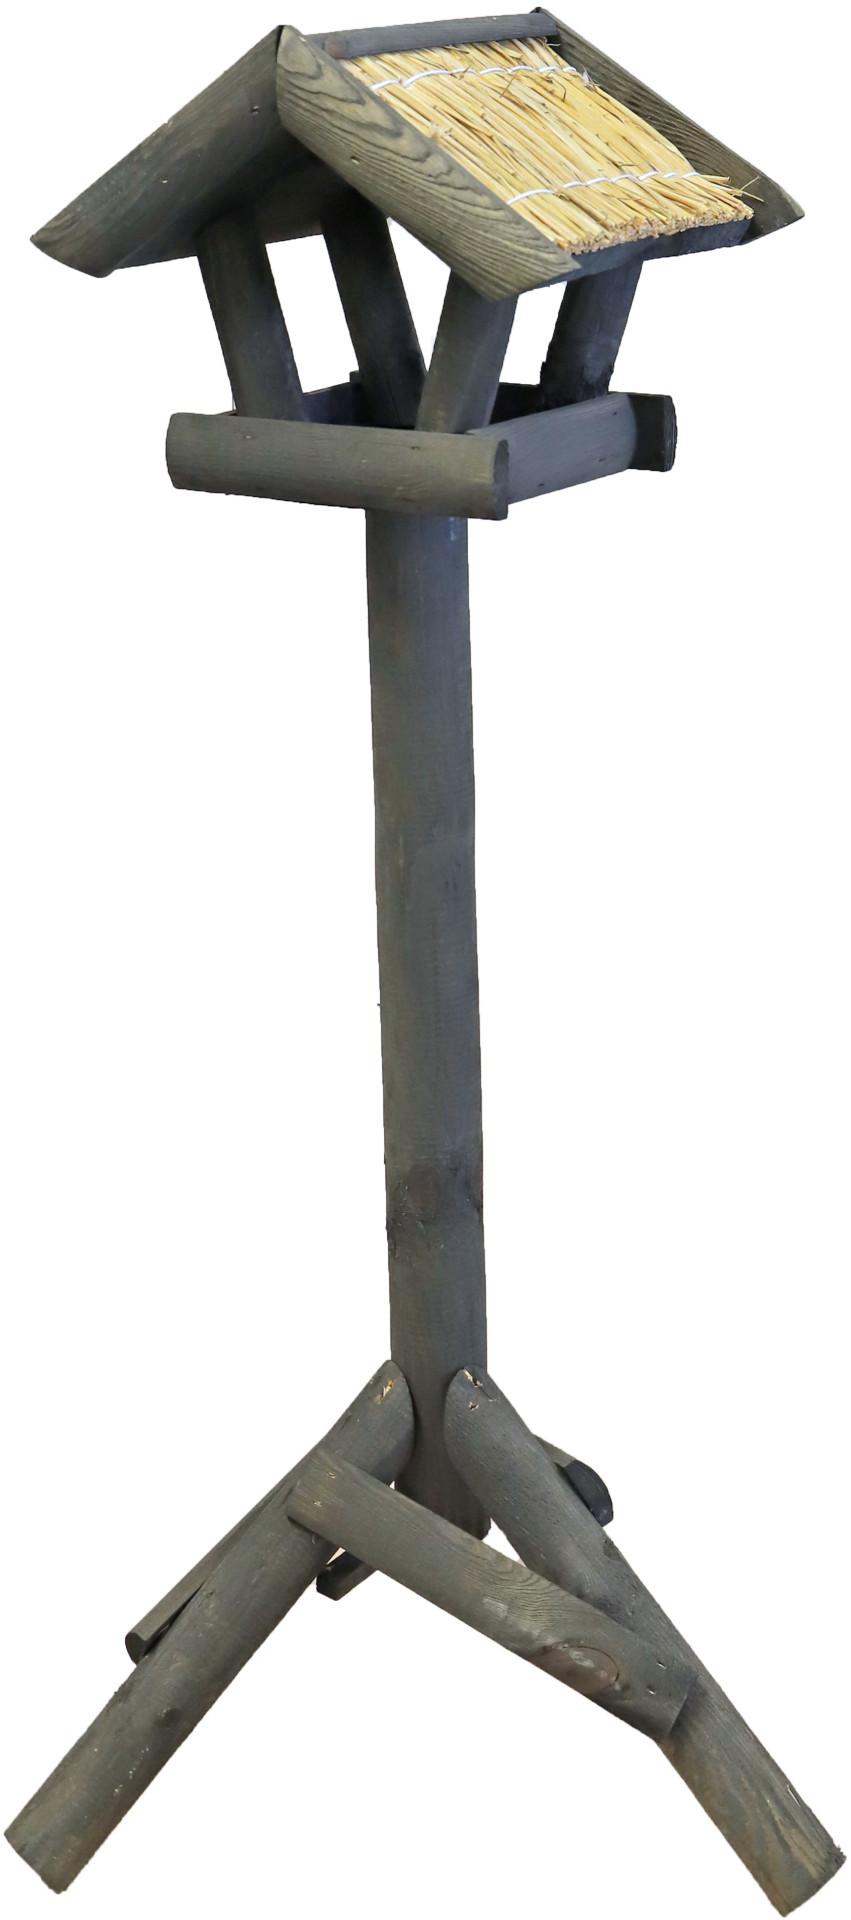 Voederhuis mini met stro dak grijs